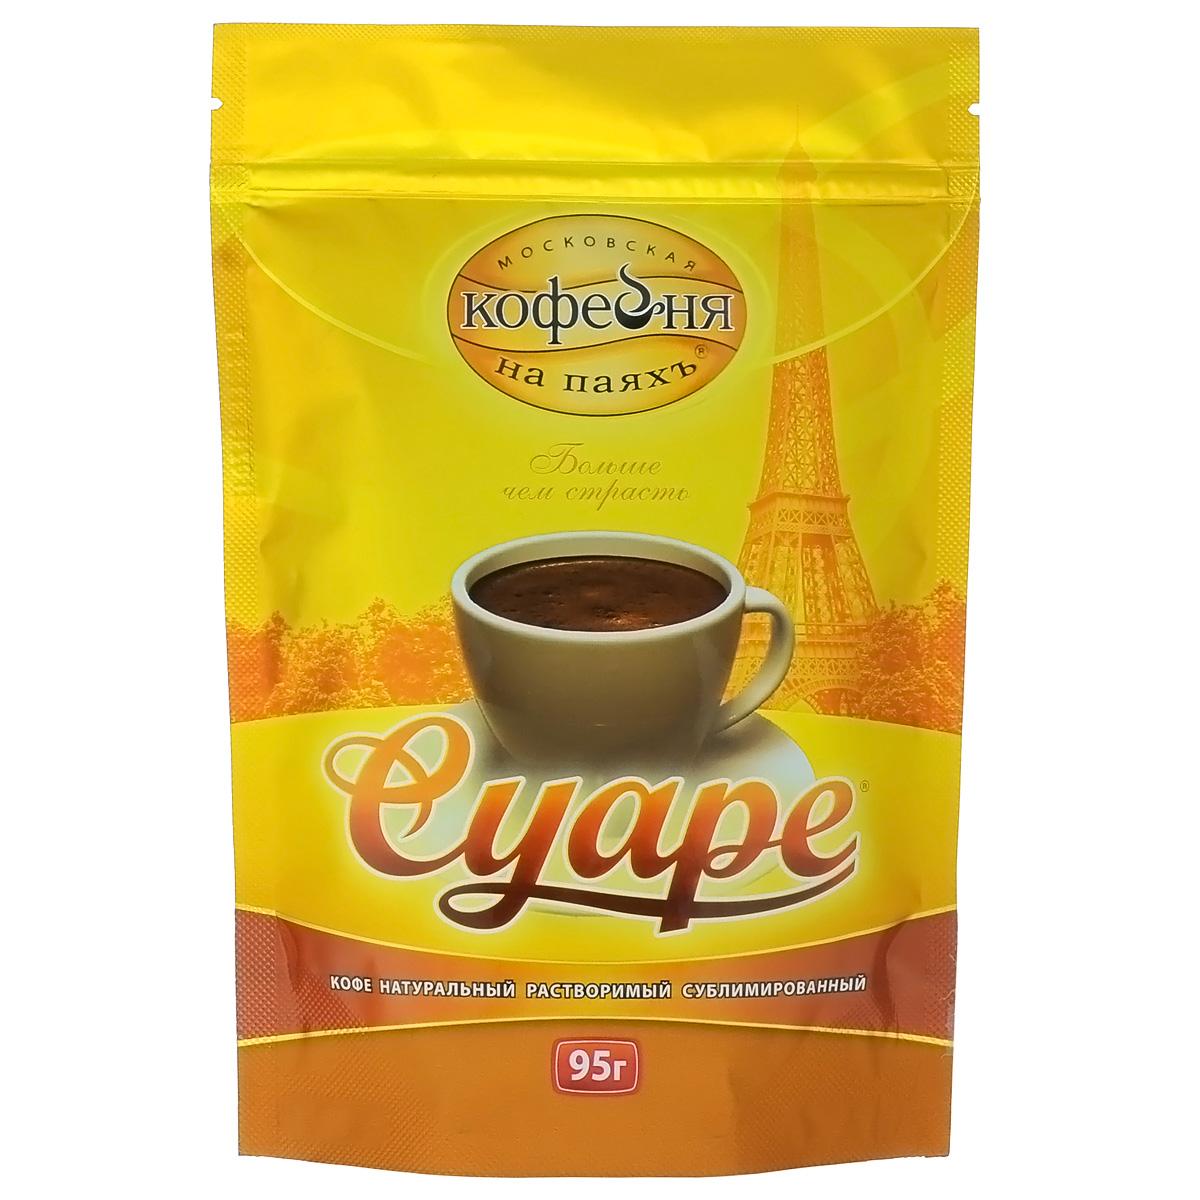 Московская кофейня на паяхъ Суаре кофе растворимый, пакет 95 г4601985003541Кофе натуральный растворимый сублимированный Московская кофейня на паяхъ Суаре. Создателей этого кофе вдохновила беззаботная атмосфера парижских кофеен. Этот крепкий, с благородной горчинкой кофе подойдет и для романтического вечера вдвоем, и для перерыва посреди напряженного рабочего дня.